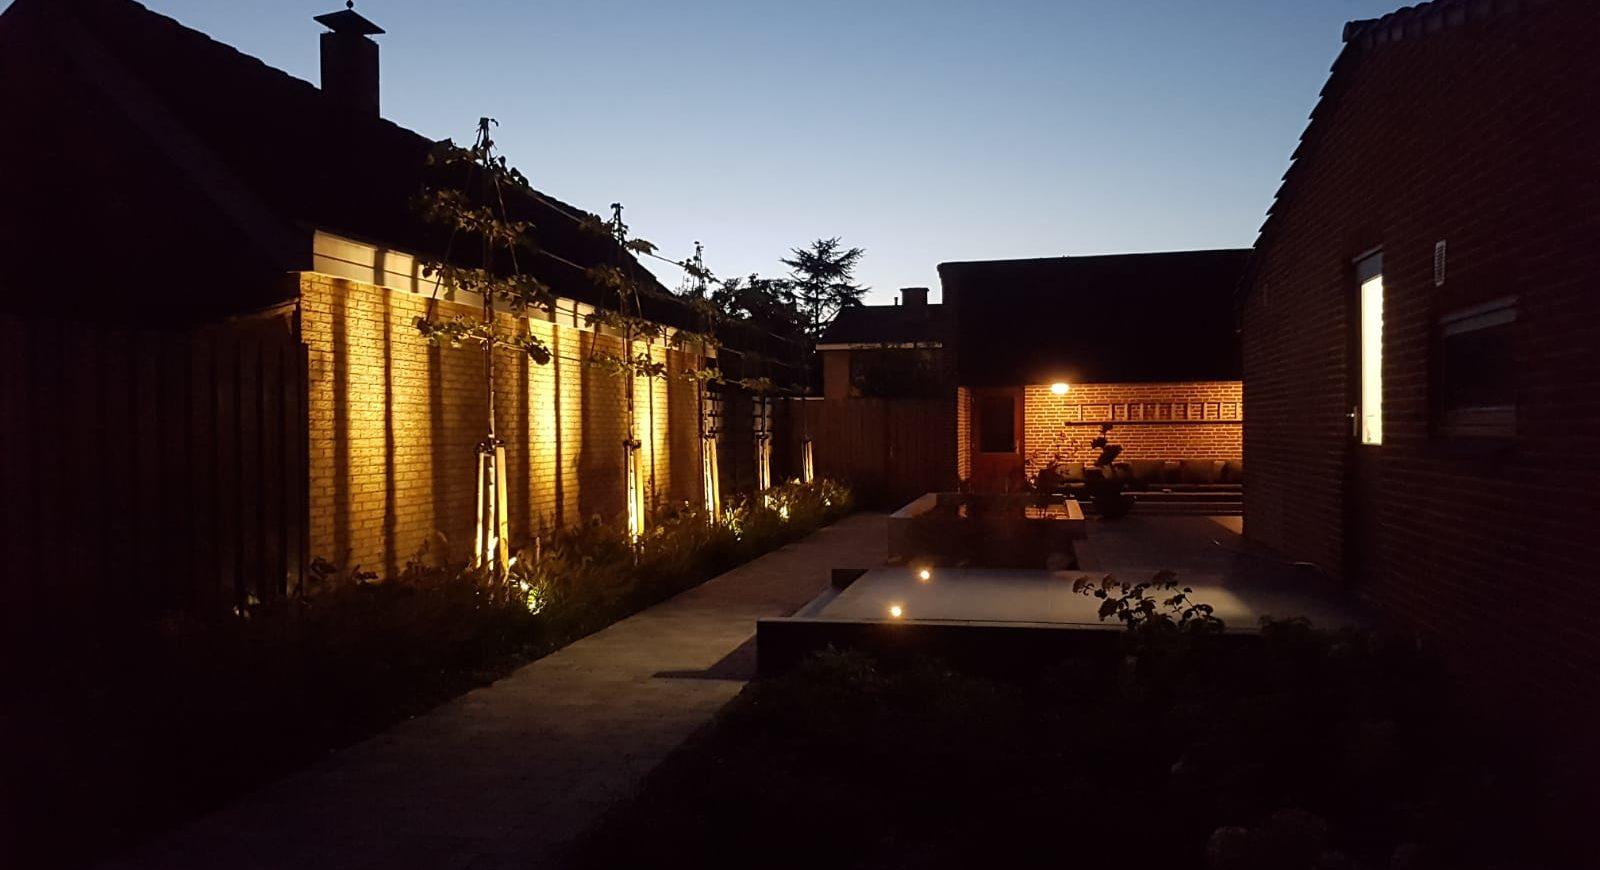 Tuin bij nacht